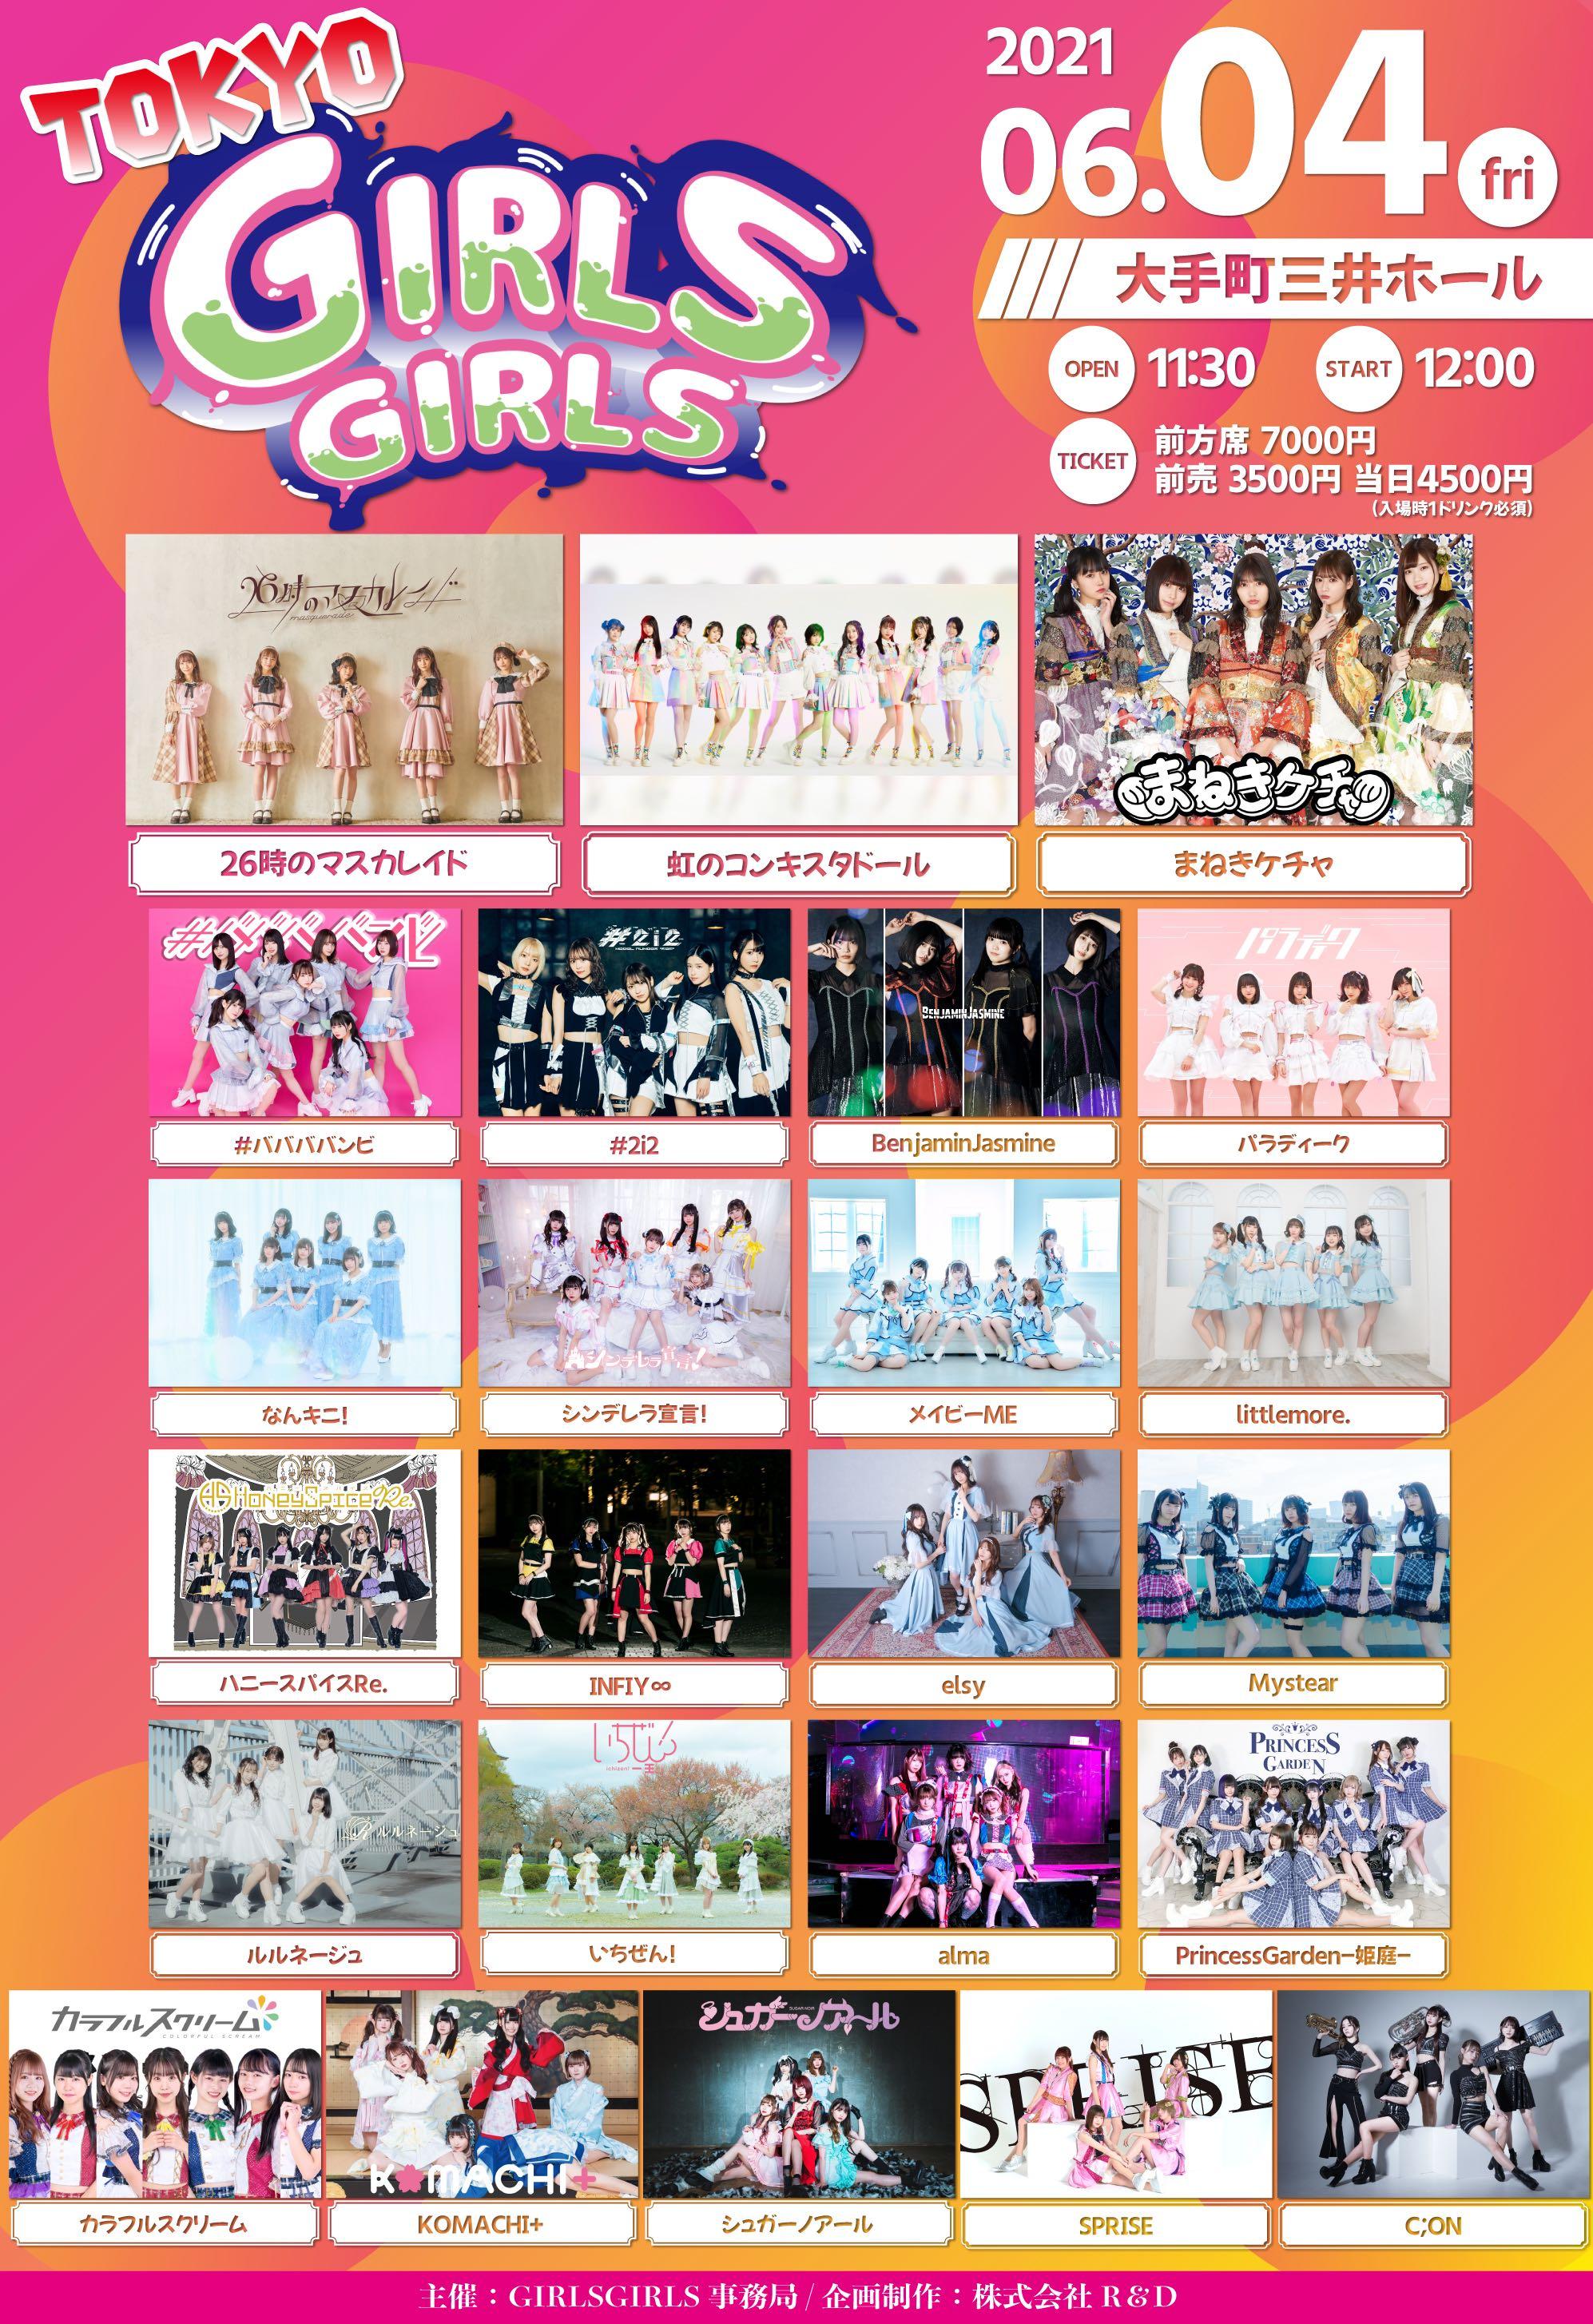 6/4(金) TOKYO GIRLS GIRLS